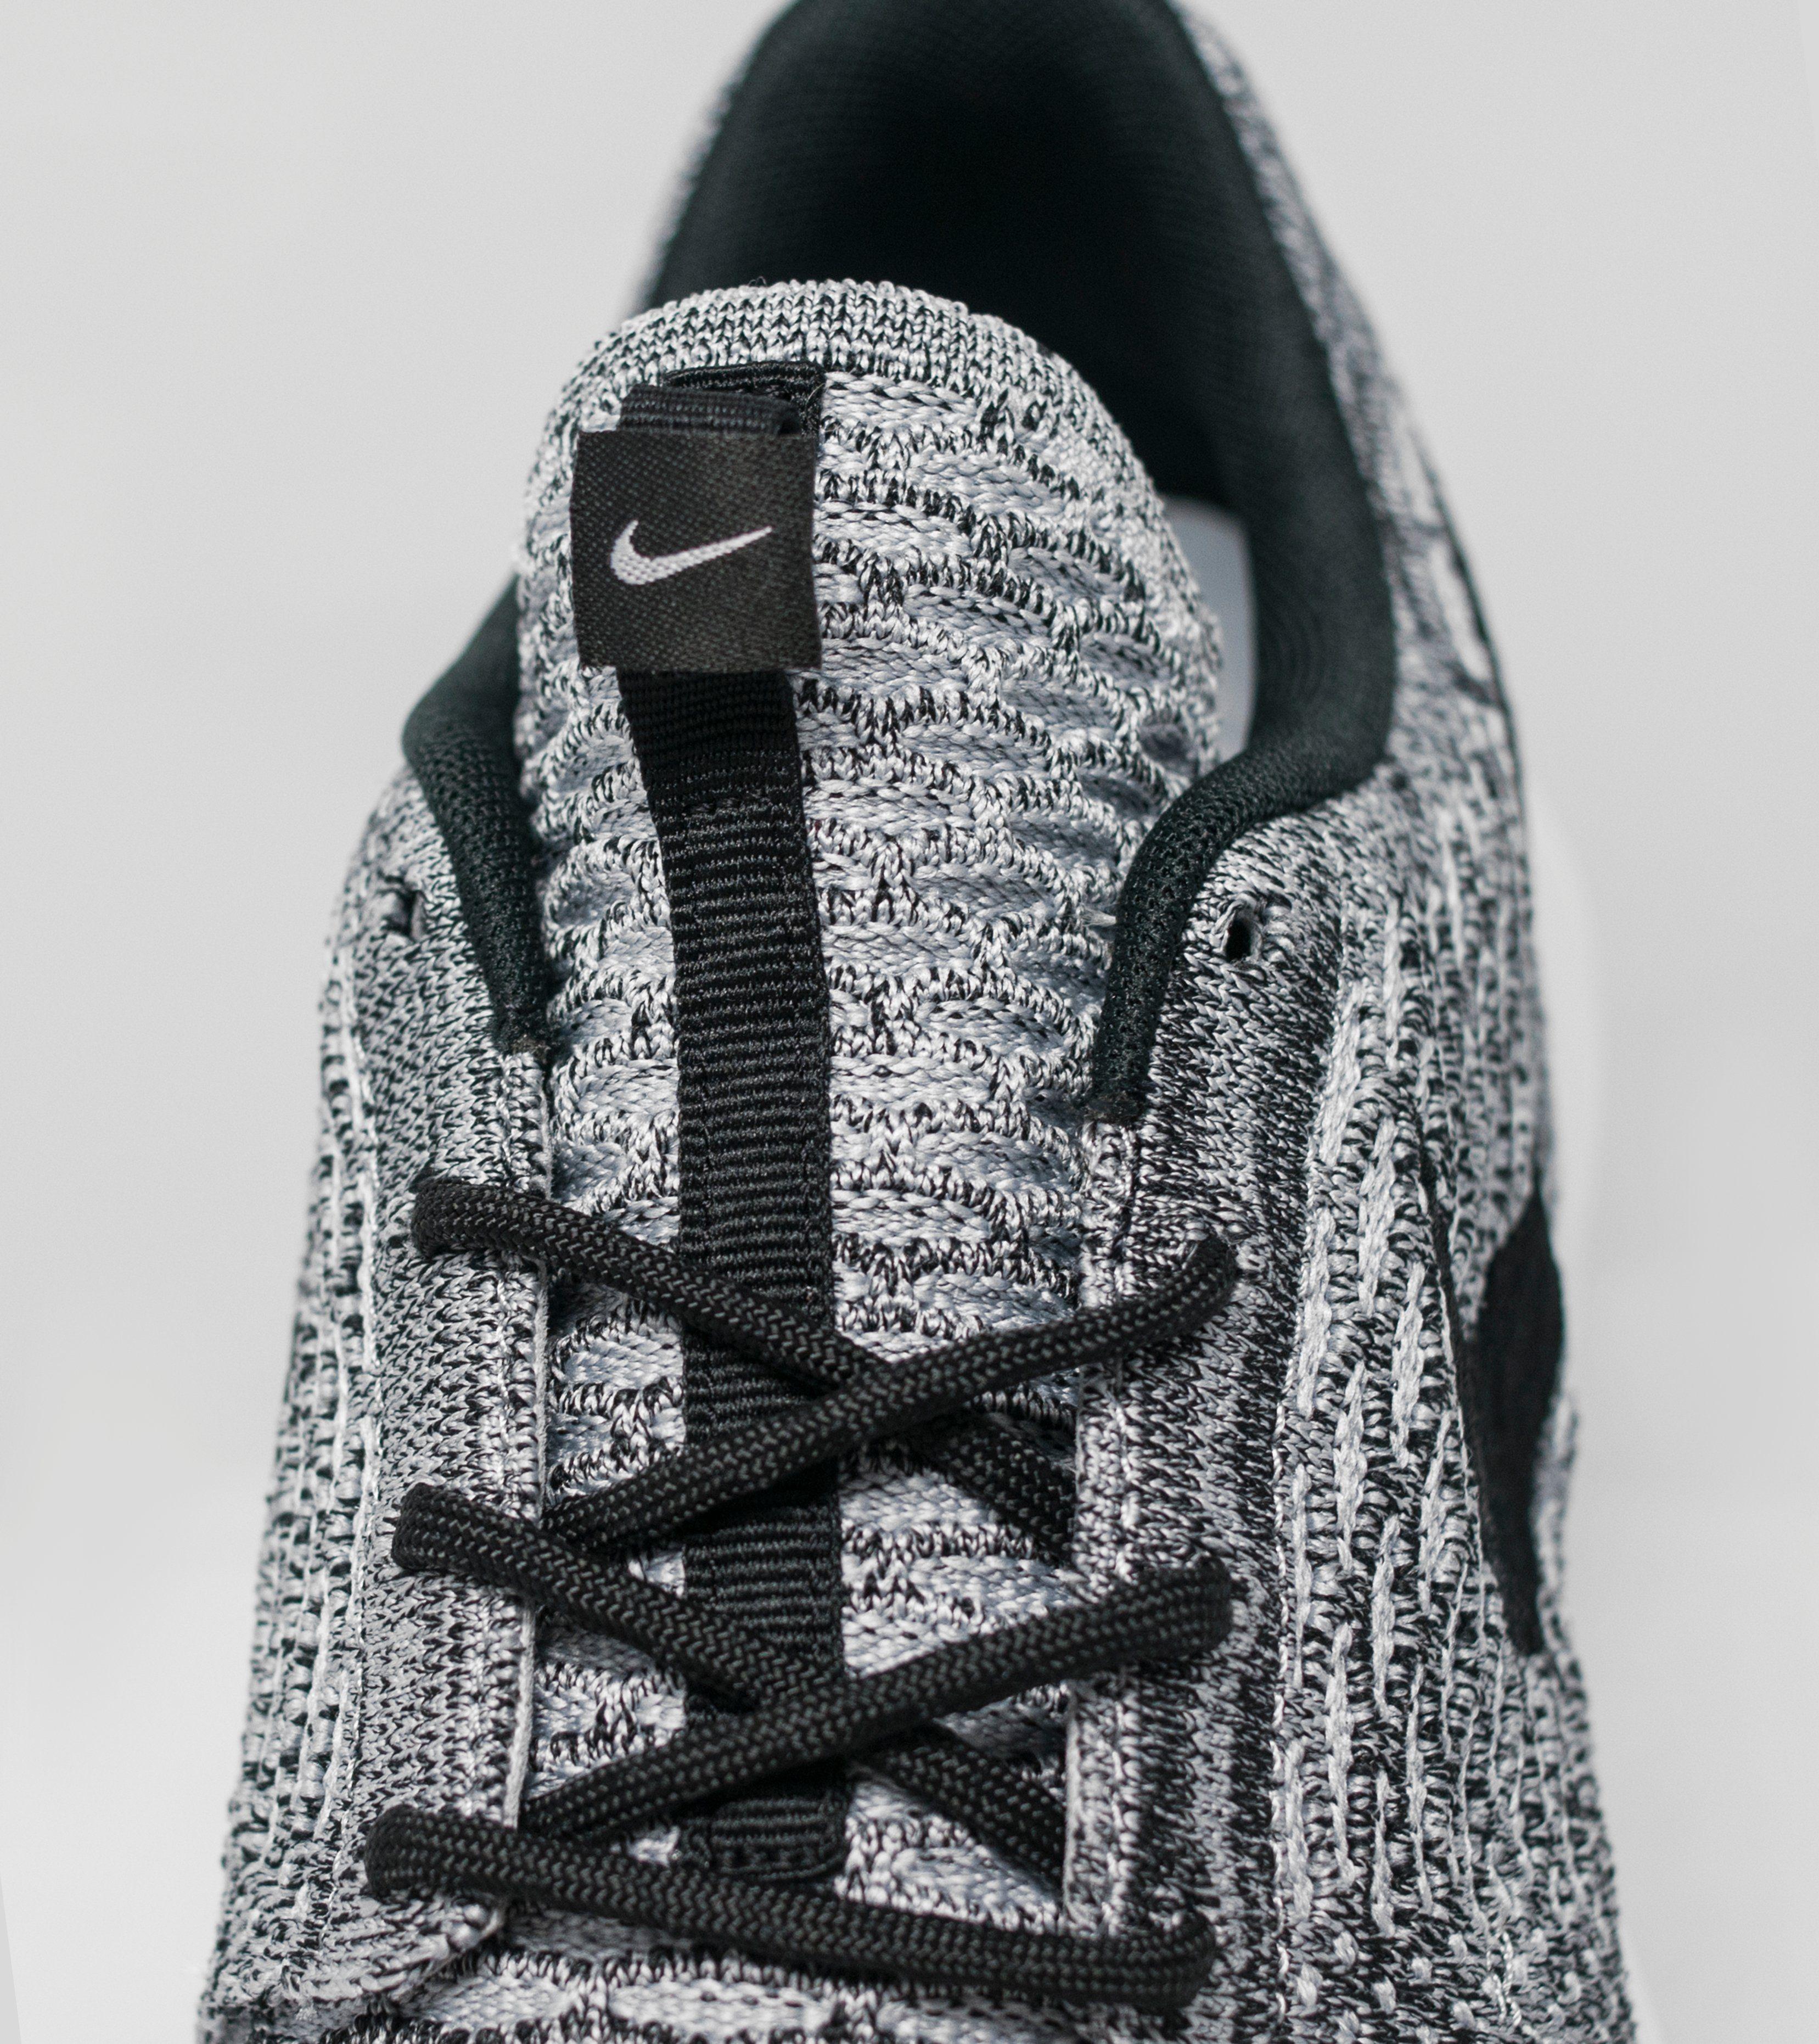 kxirt Nike Roshe New Motion Flyknit | Size?